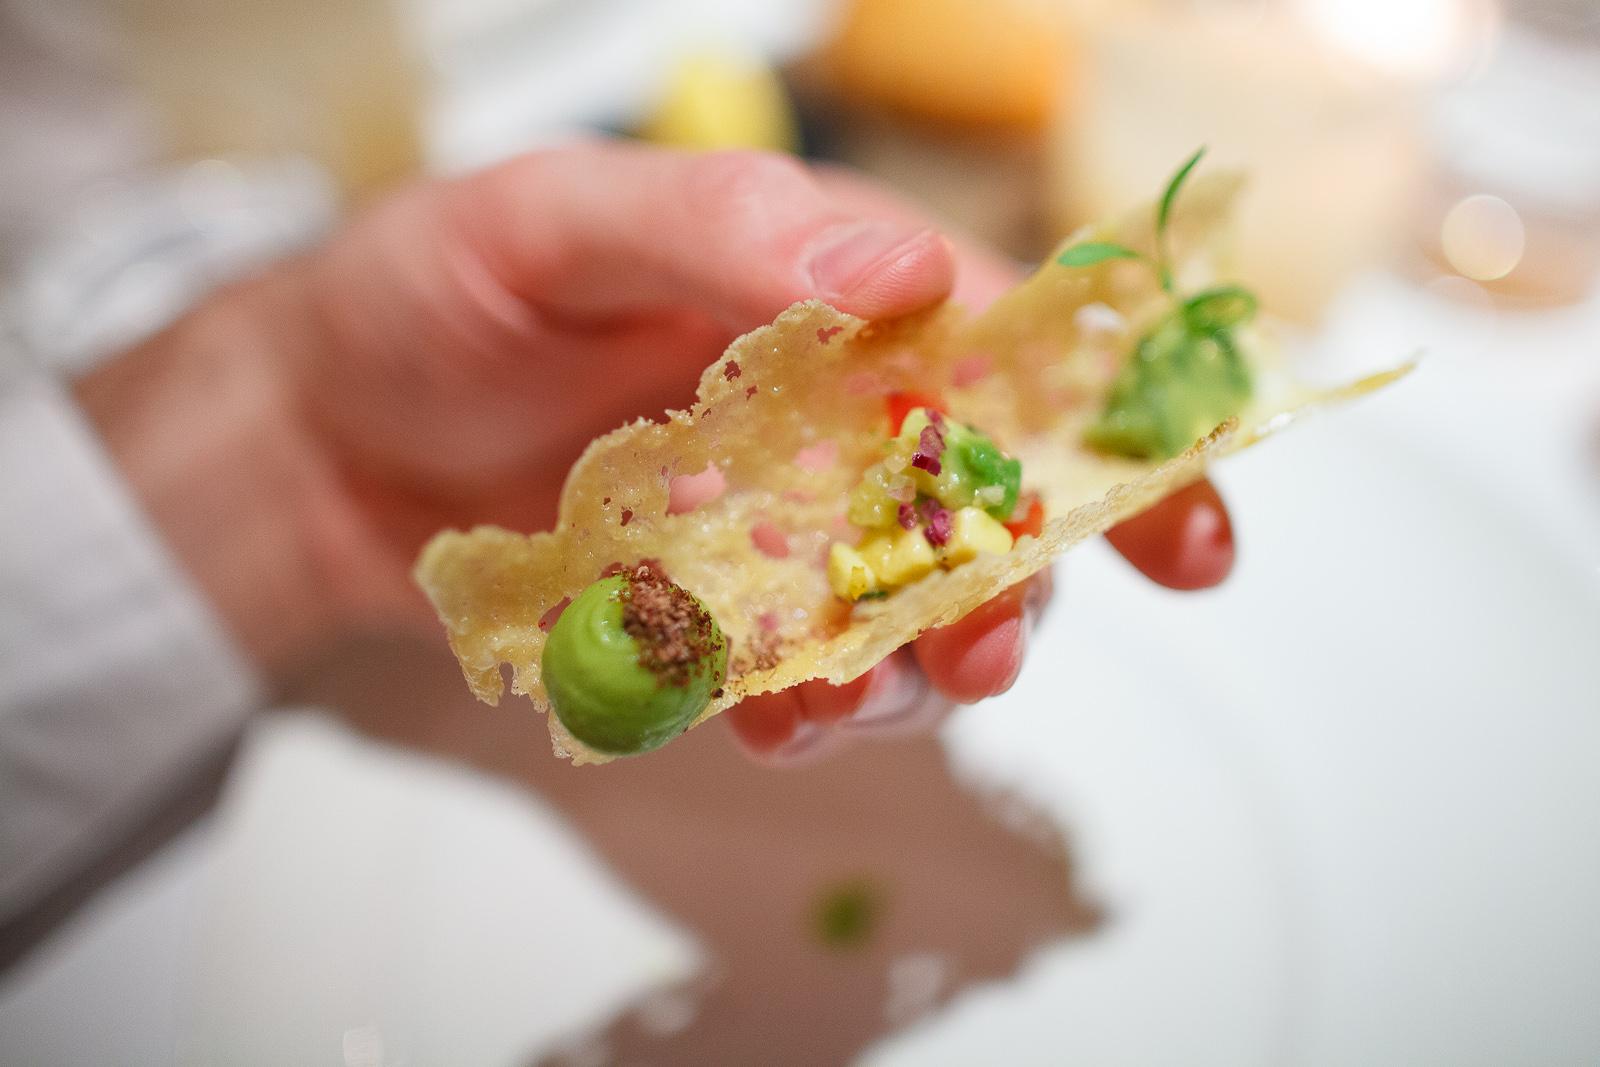 1st Course: Taco de chicharrón de queso con guacamole y chile serrano (Plancha-grilled cheese taco with guacamole and serrano chile), up close